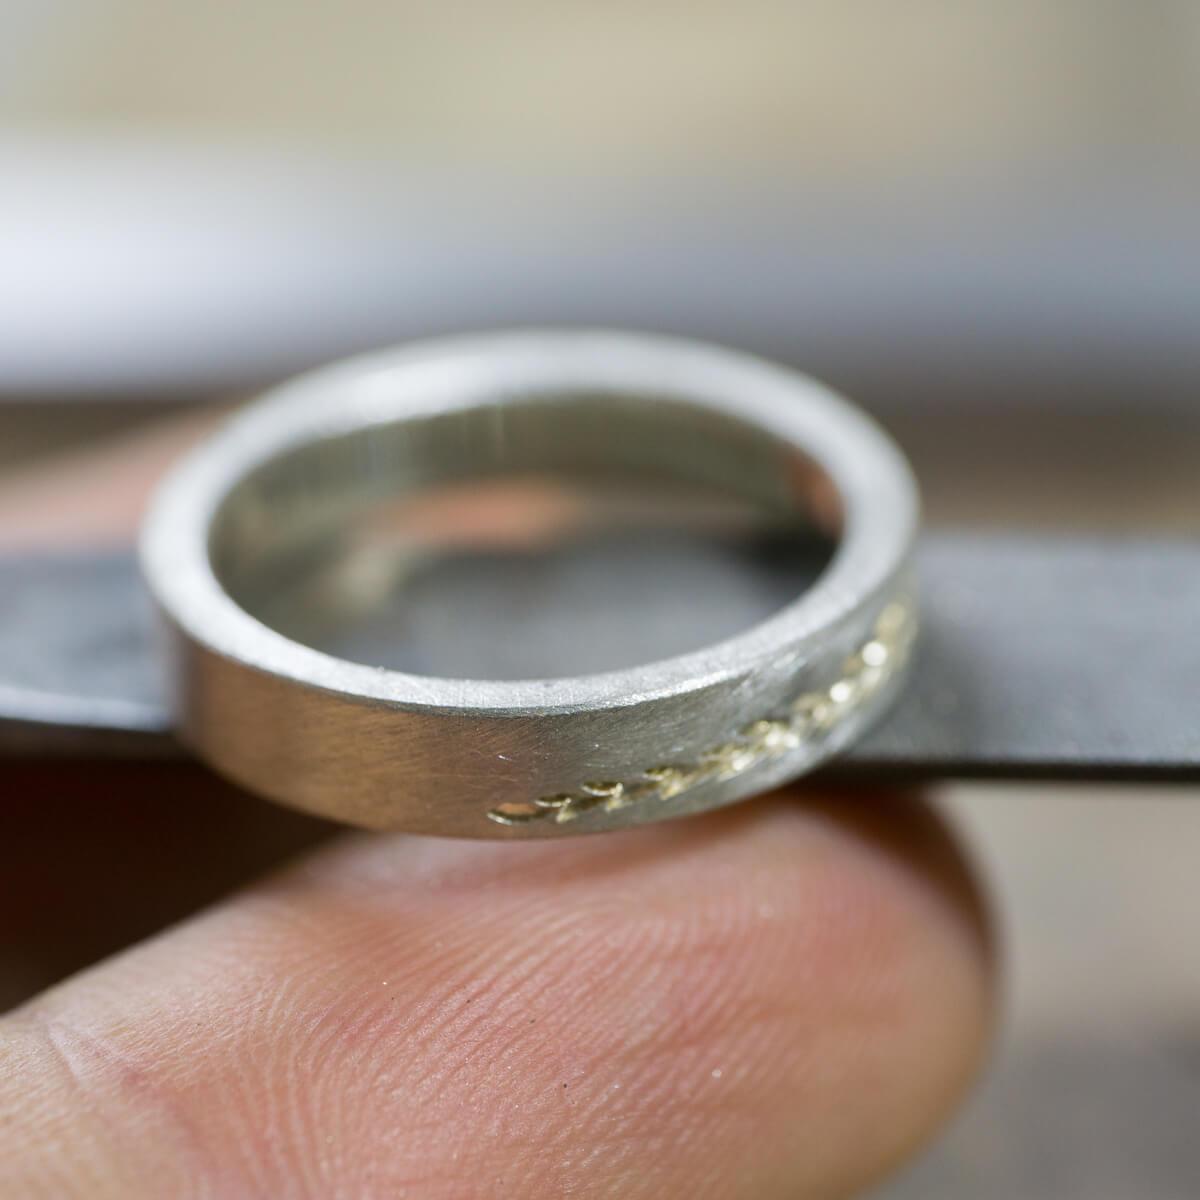 オーダーメイドマリッジリングの制作風景 ジュエリーのアトリエ 結婚指輪シルバー 屋久島のシダモチーフ 屋久島でつくる結婚指輪